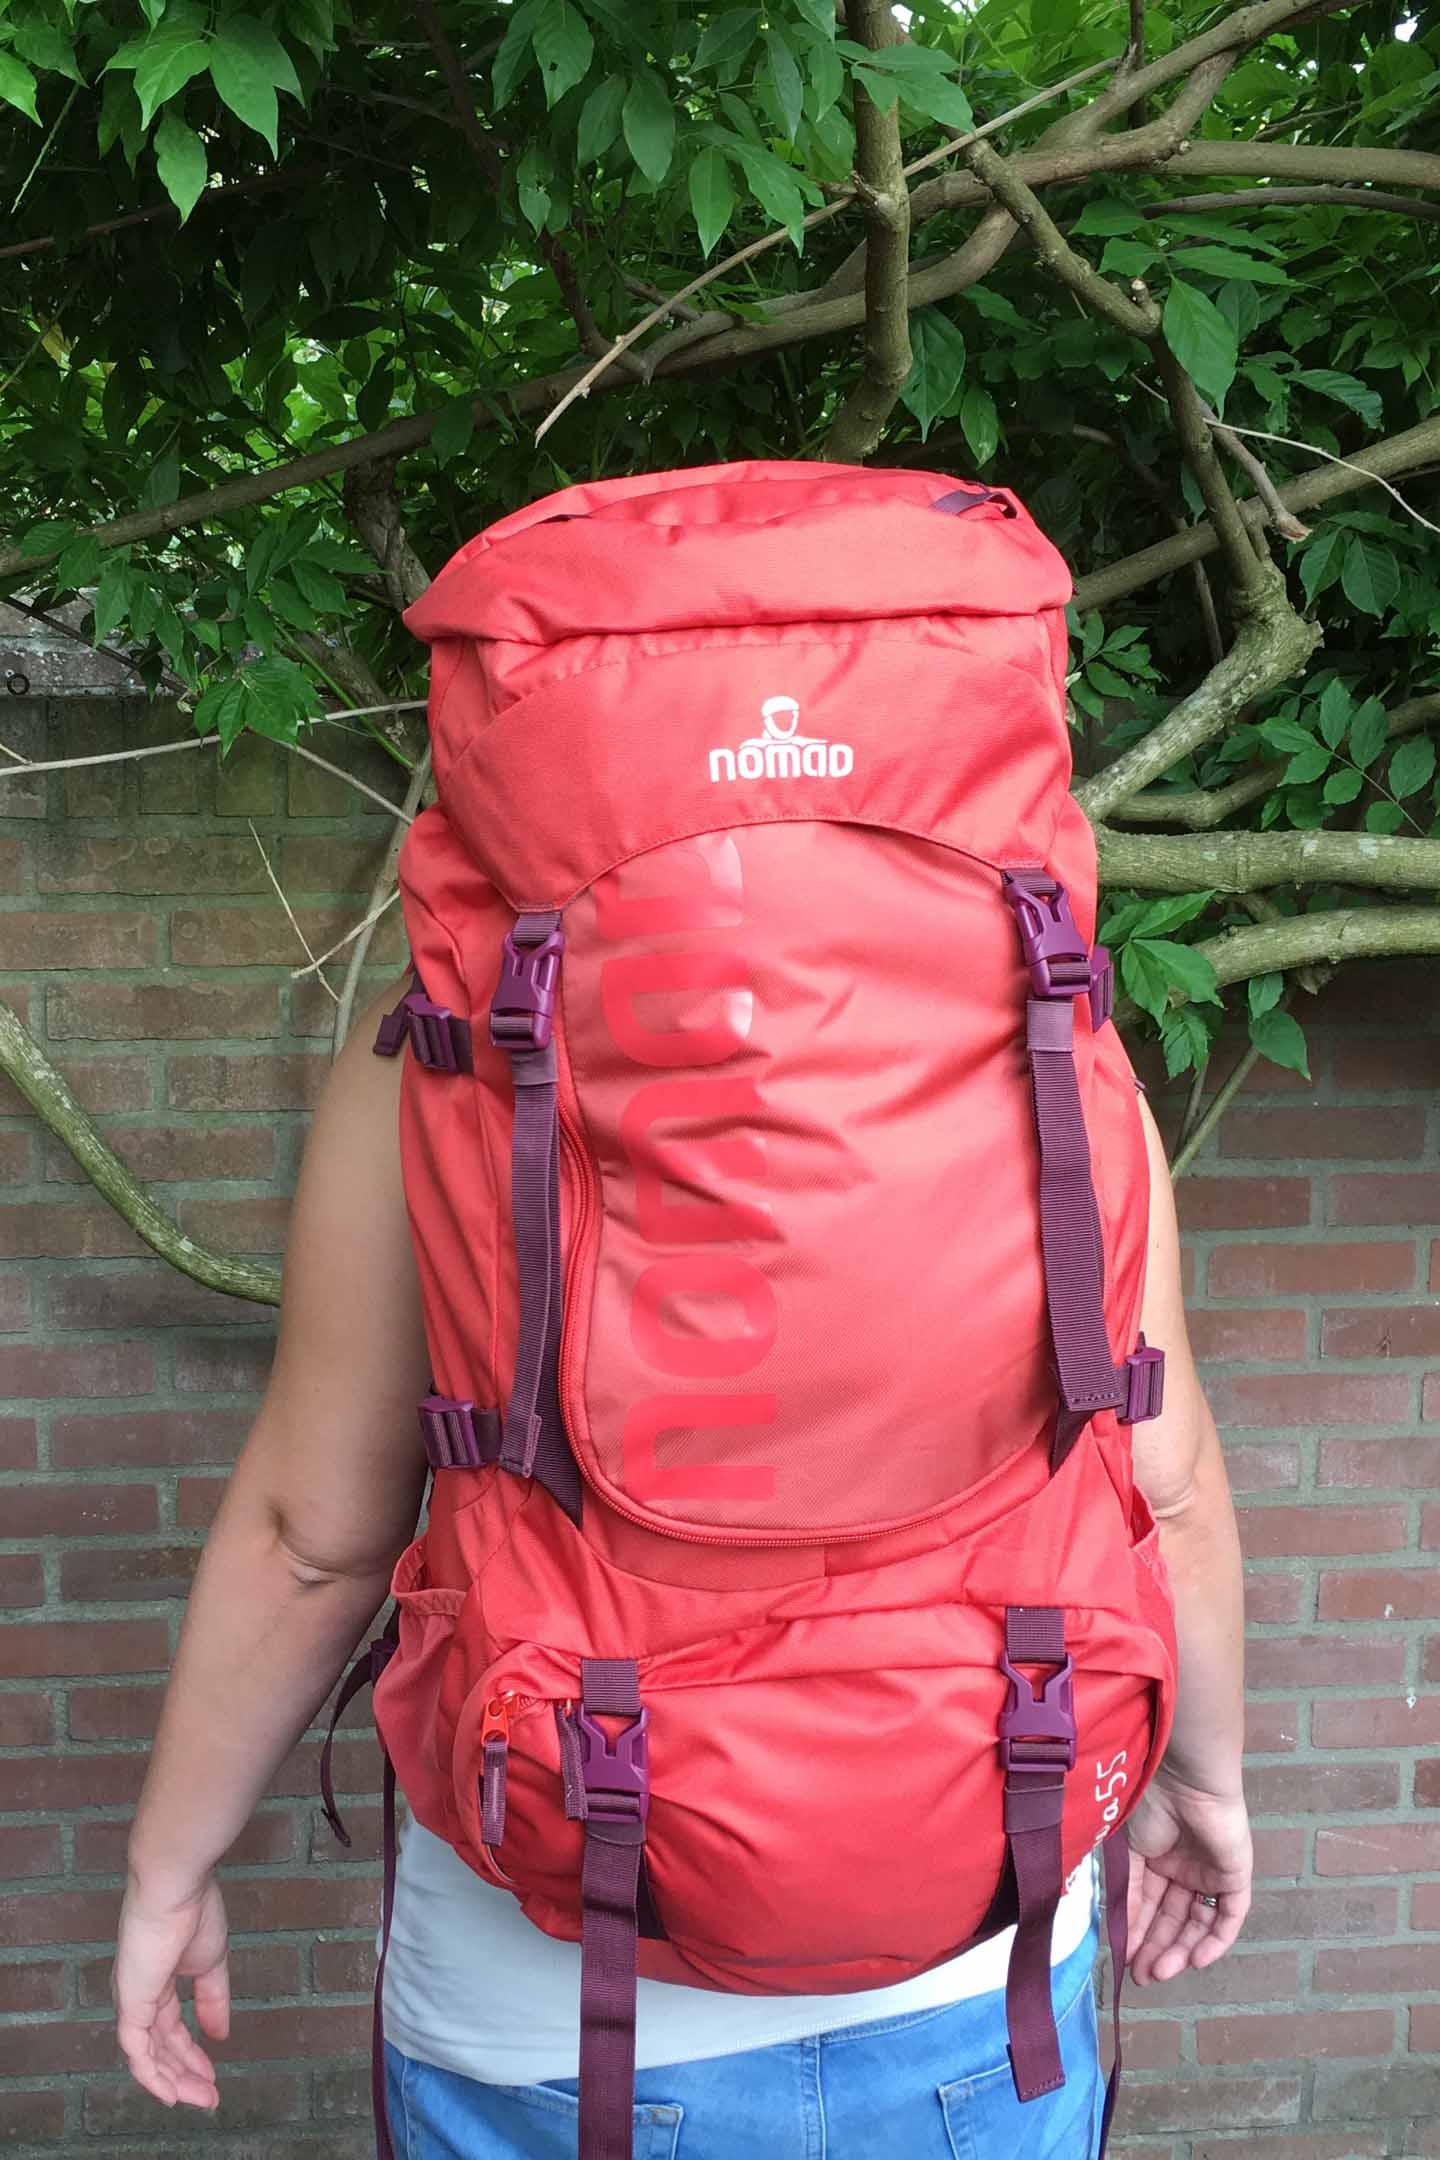 5cba43eb6c37cc Check hier de actuele aanbiedingen en prijzen voor de Nomad Batura of  vergelijk meer rugzakken in blog met tips om een rugzak te kopen.